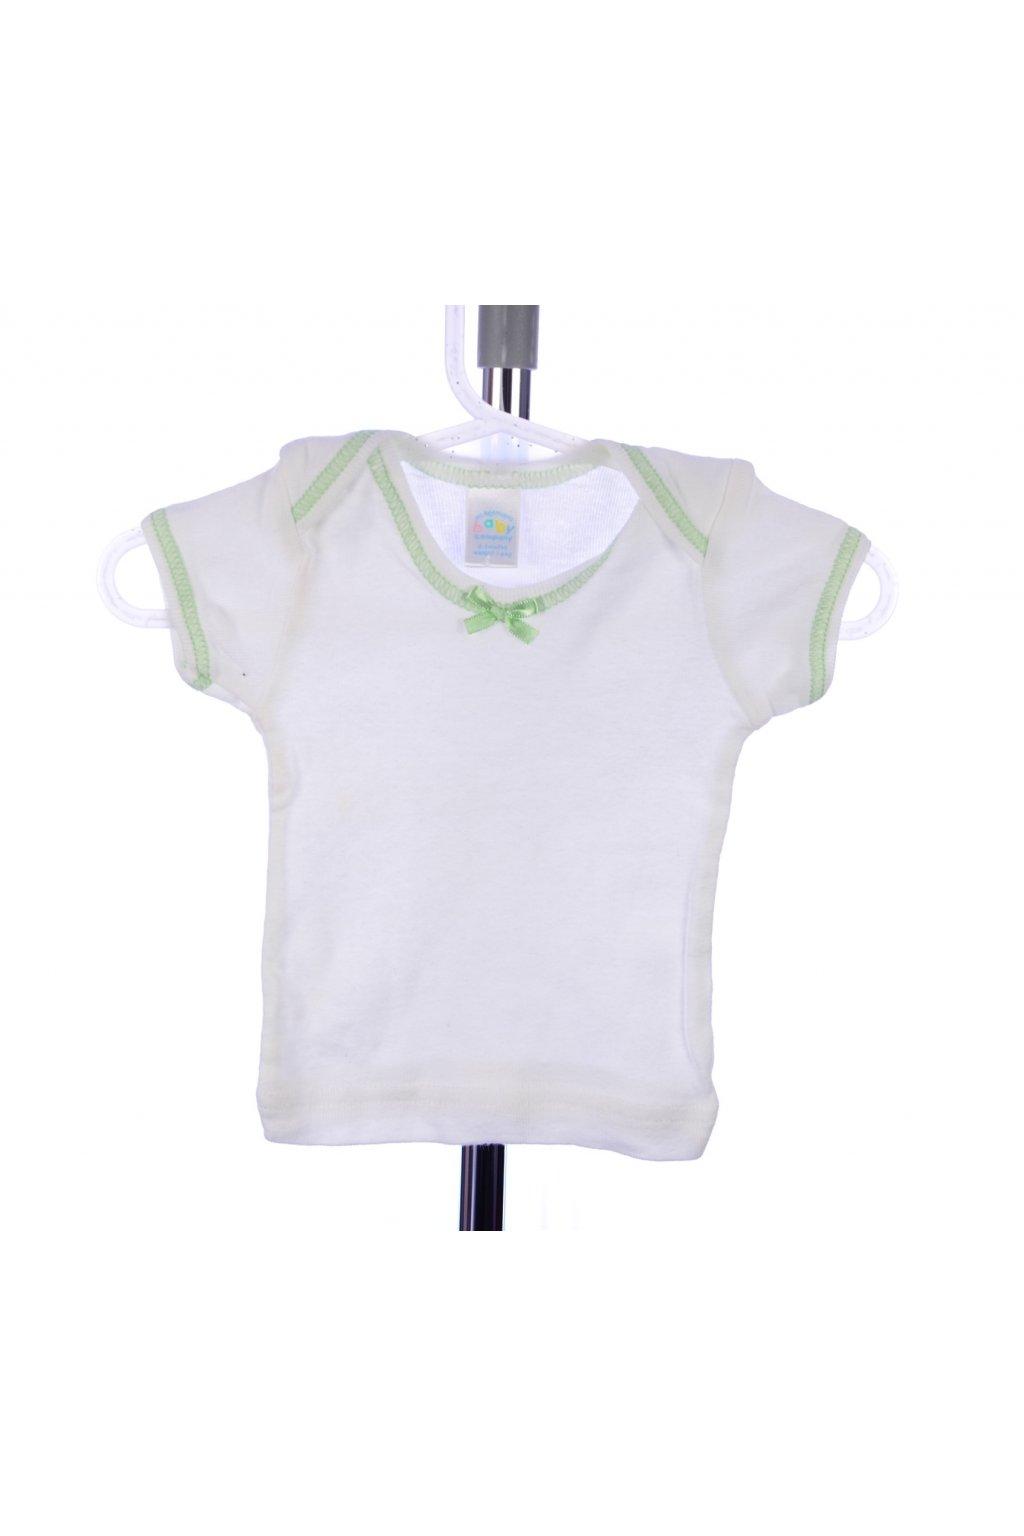 Tričko baby vel. 0-3/ 50-56 bílé